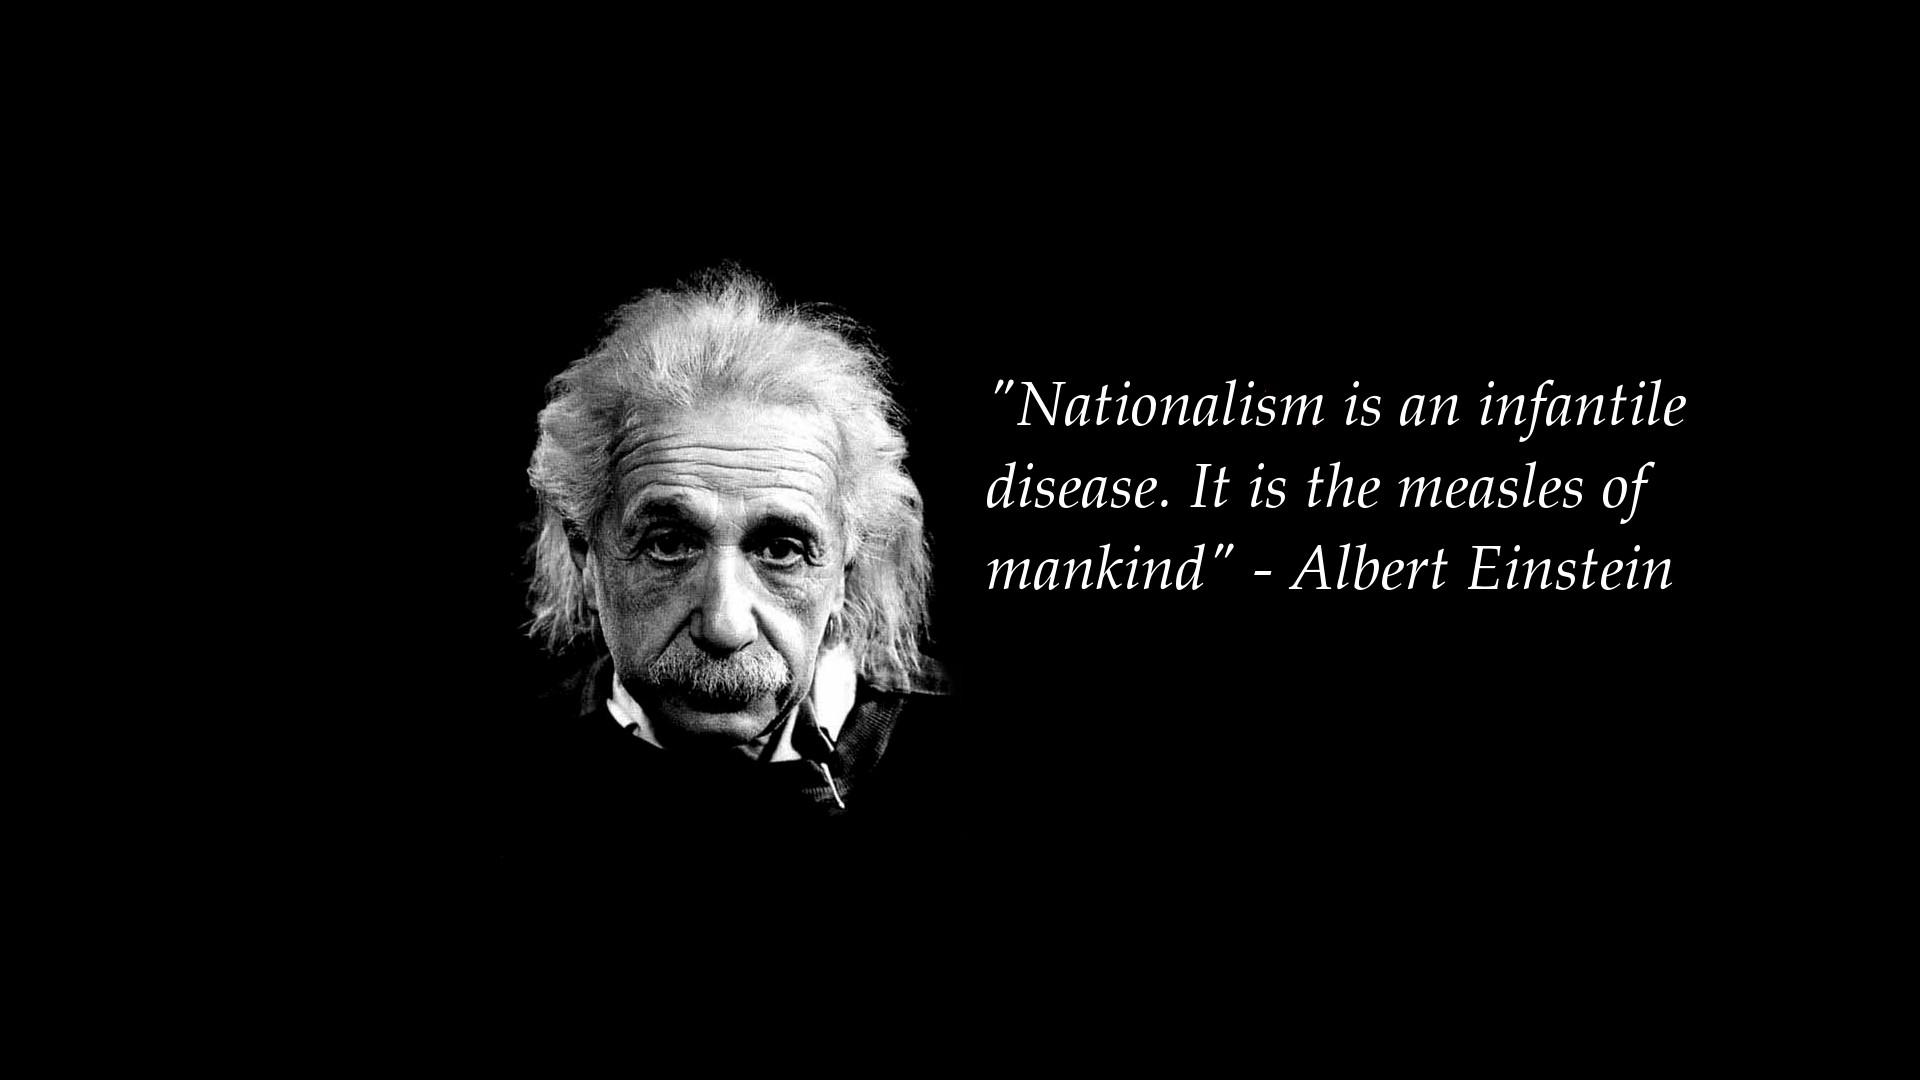 Albert Einstein Free Desktop Wallpaper